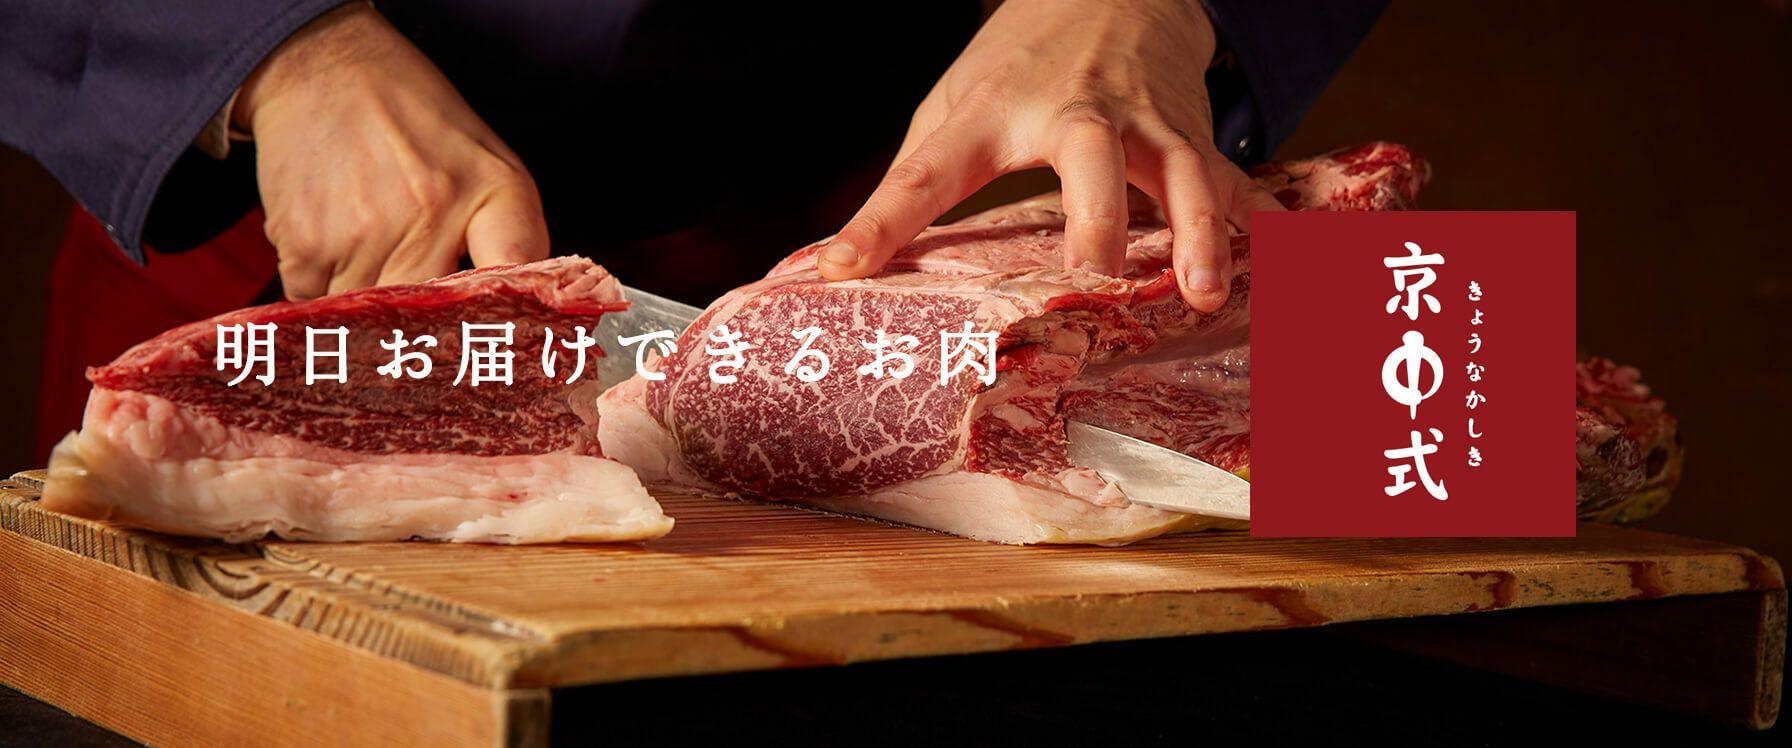 明日お届けできるお肉